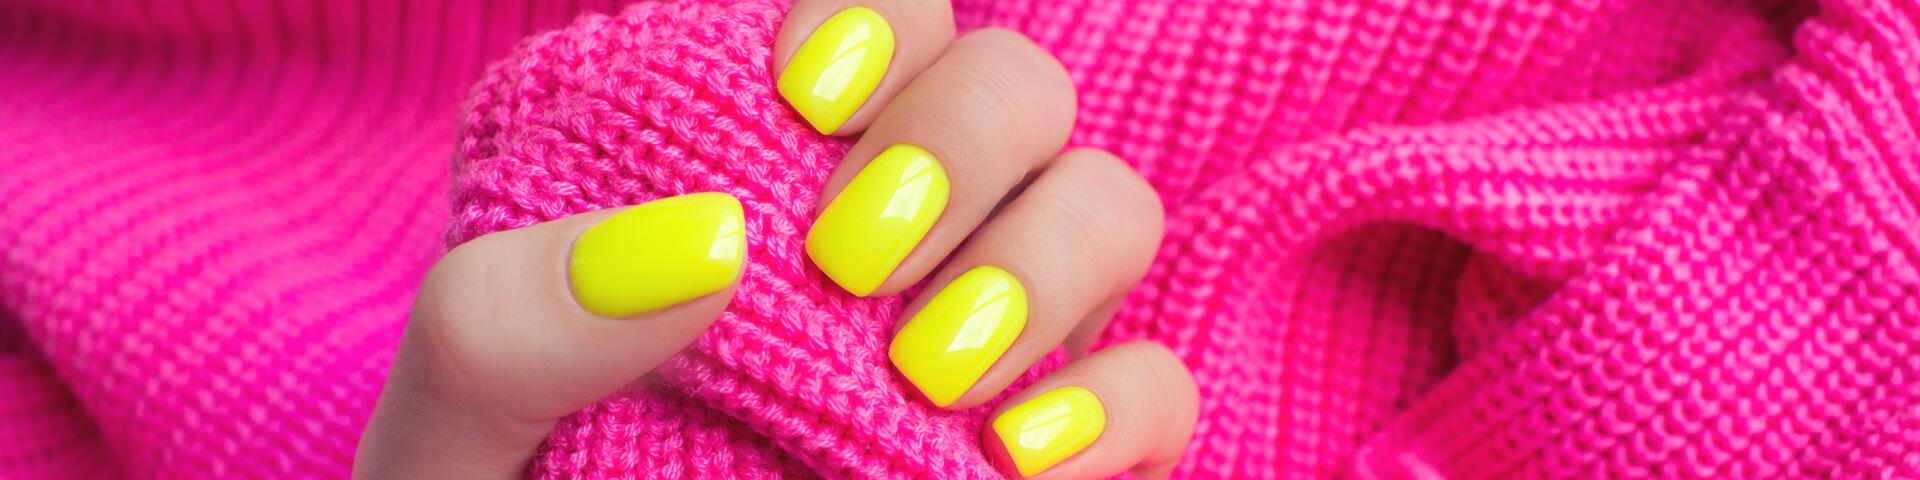 Schöne Neon Farbgele